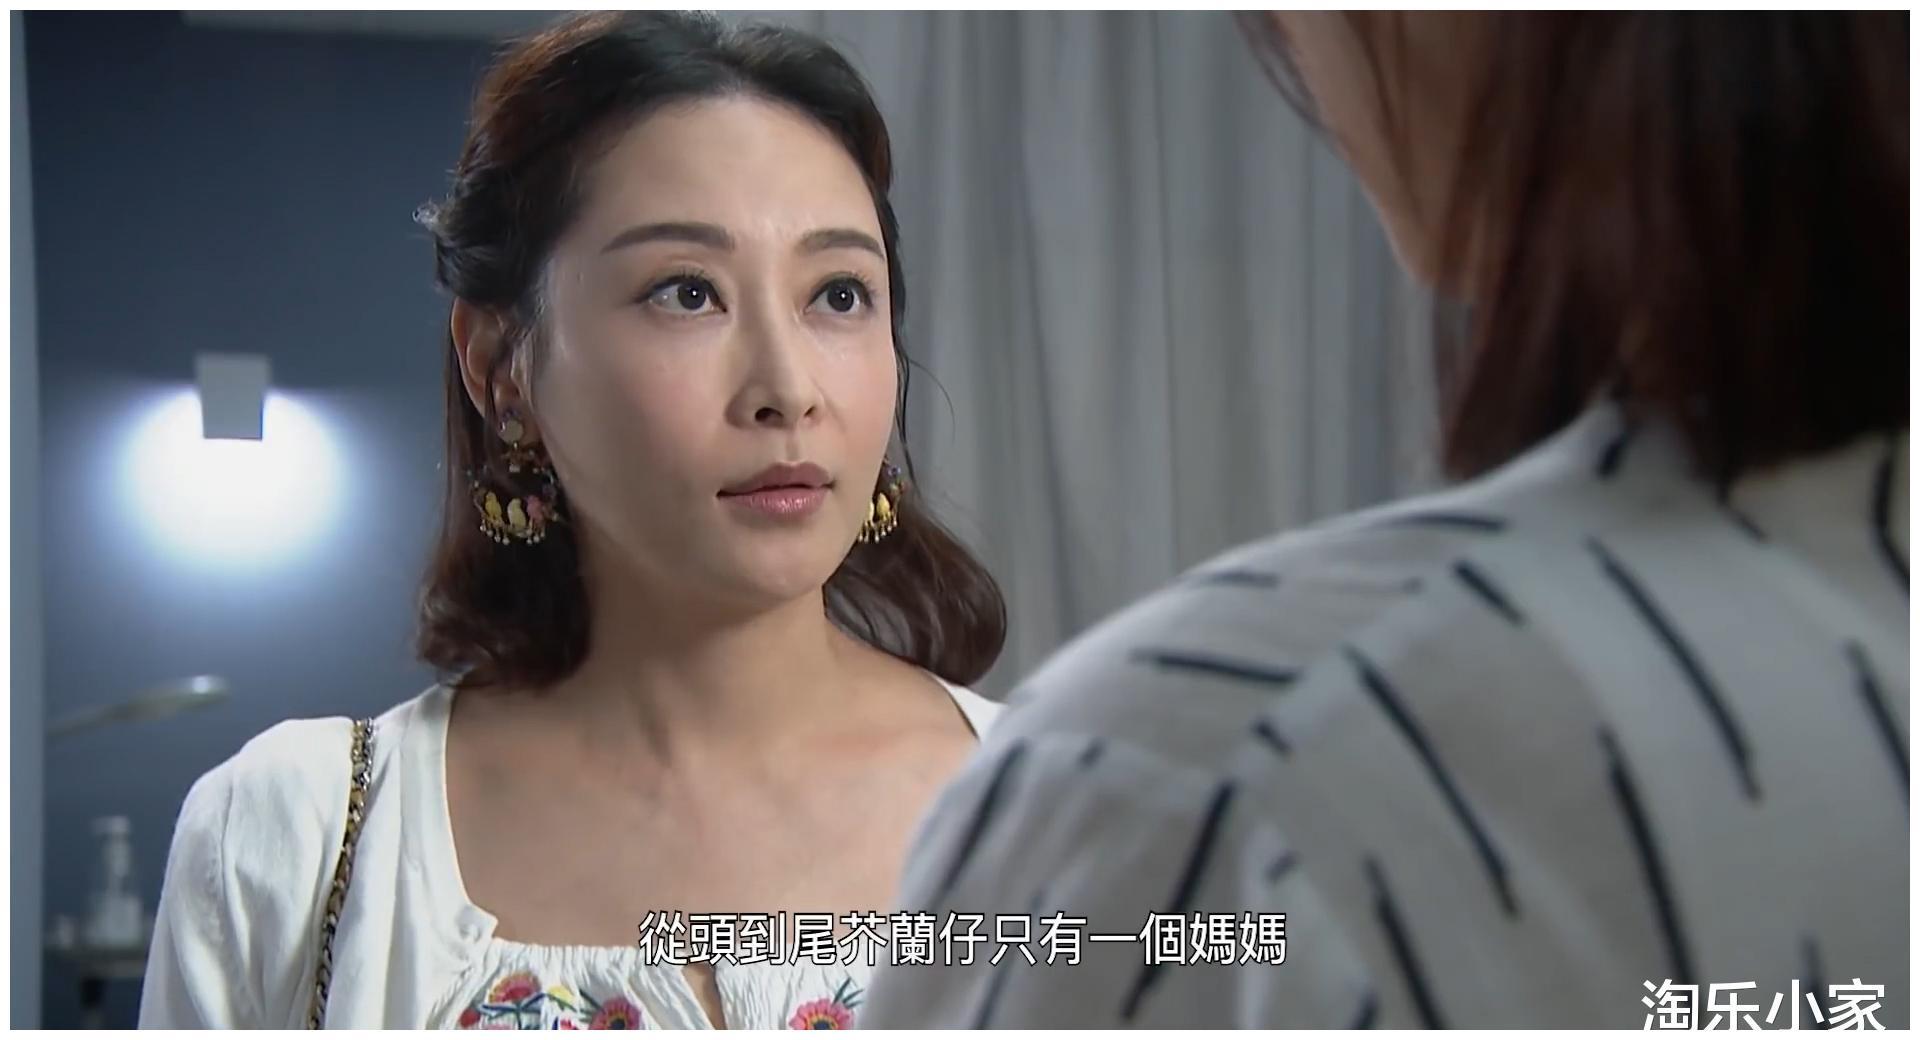 《C9特工》第6集剧透:行踪败露,高海宁为庆祝母亲节冒死一博?